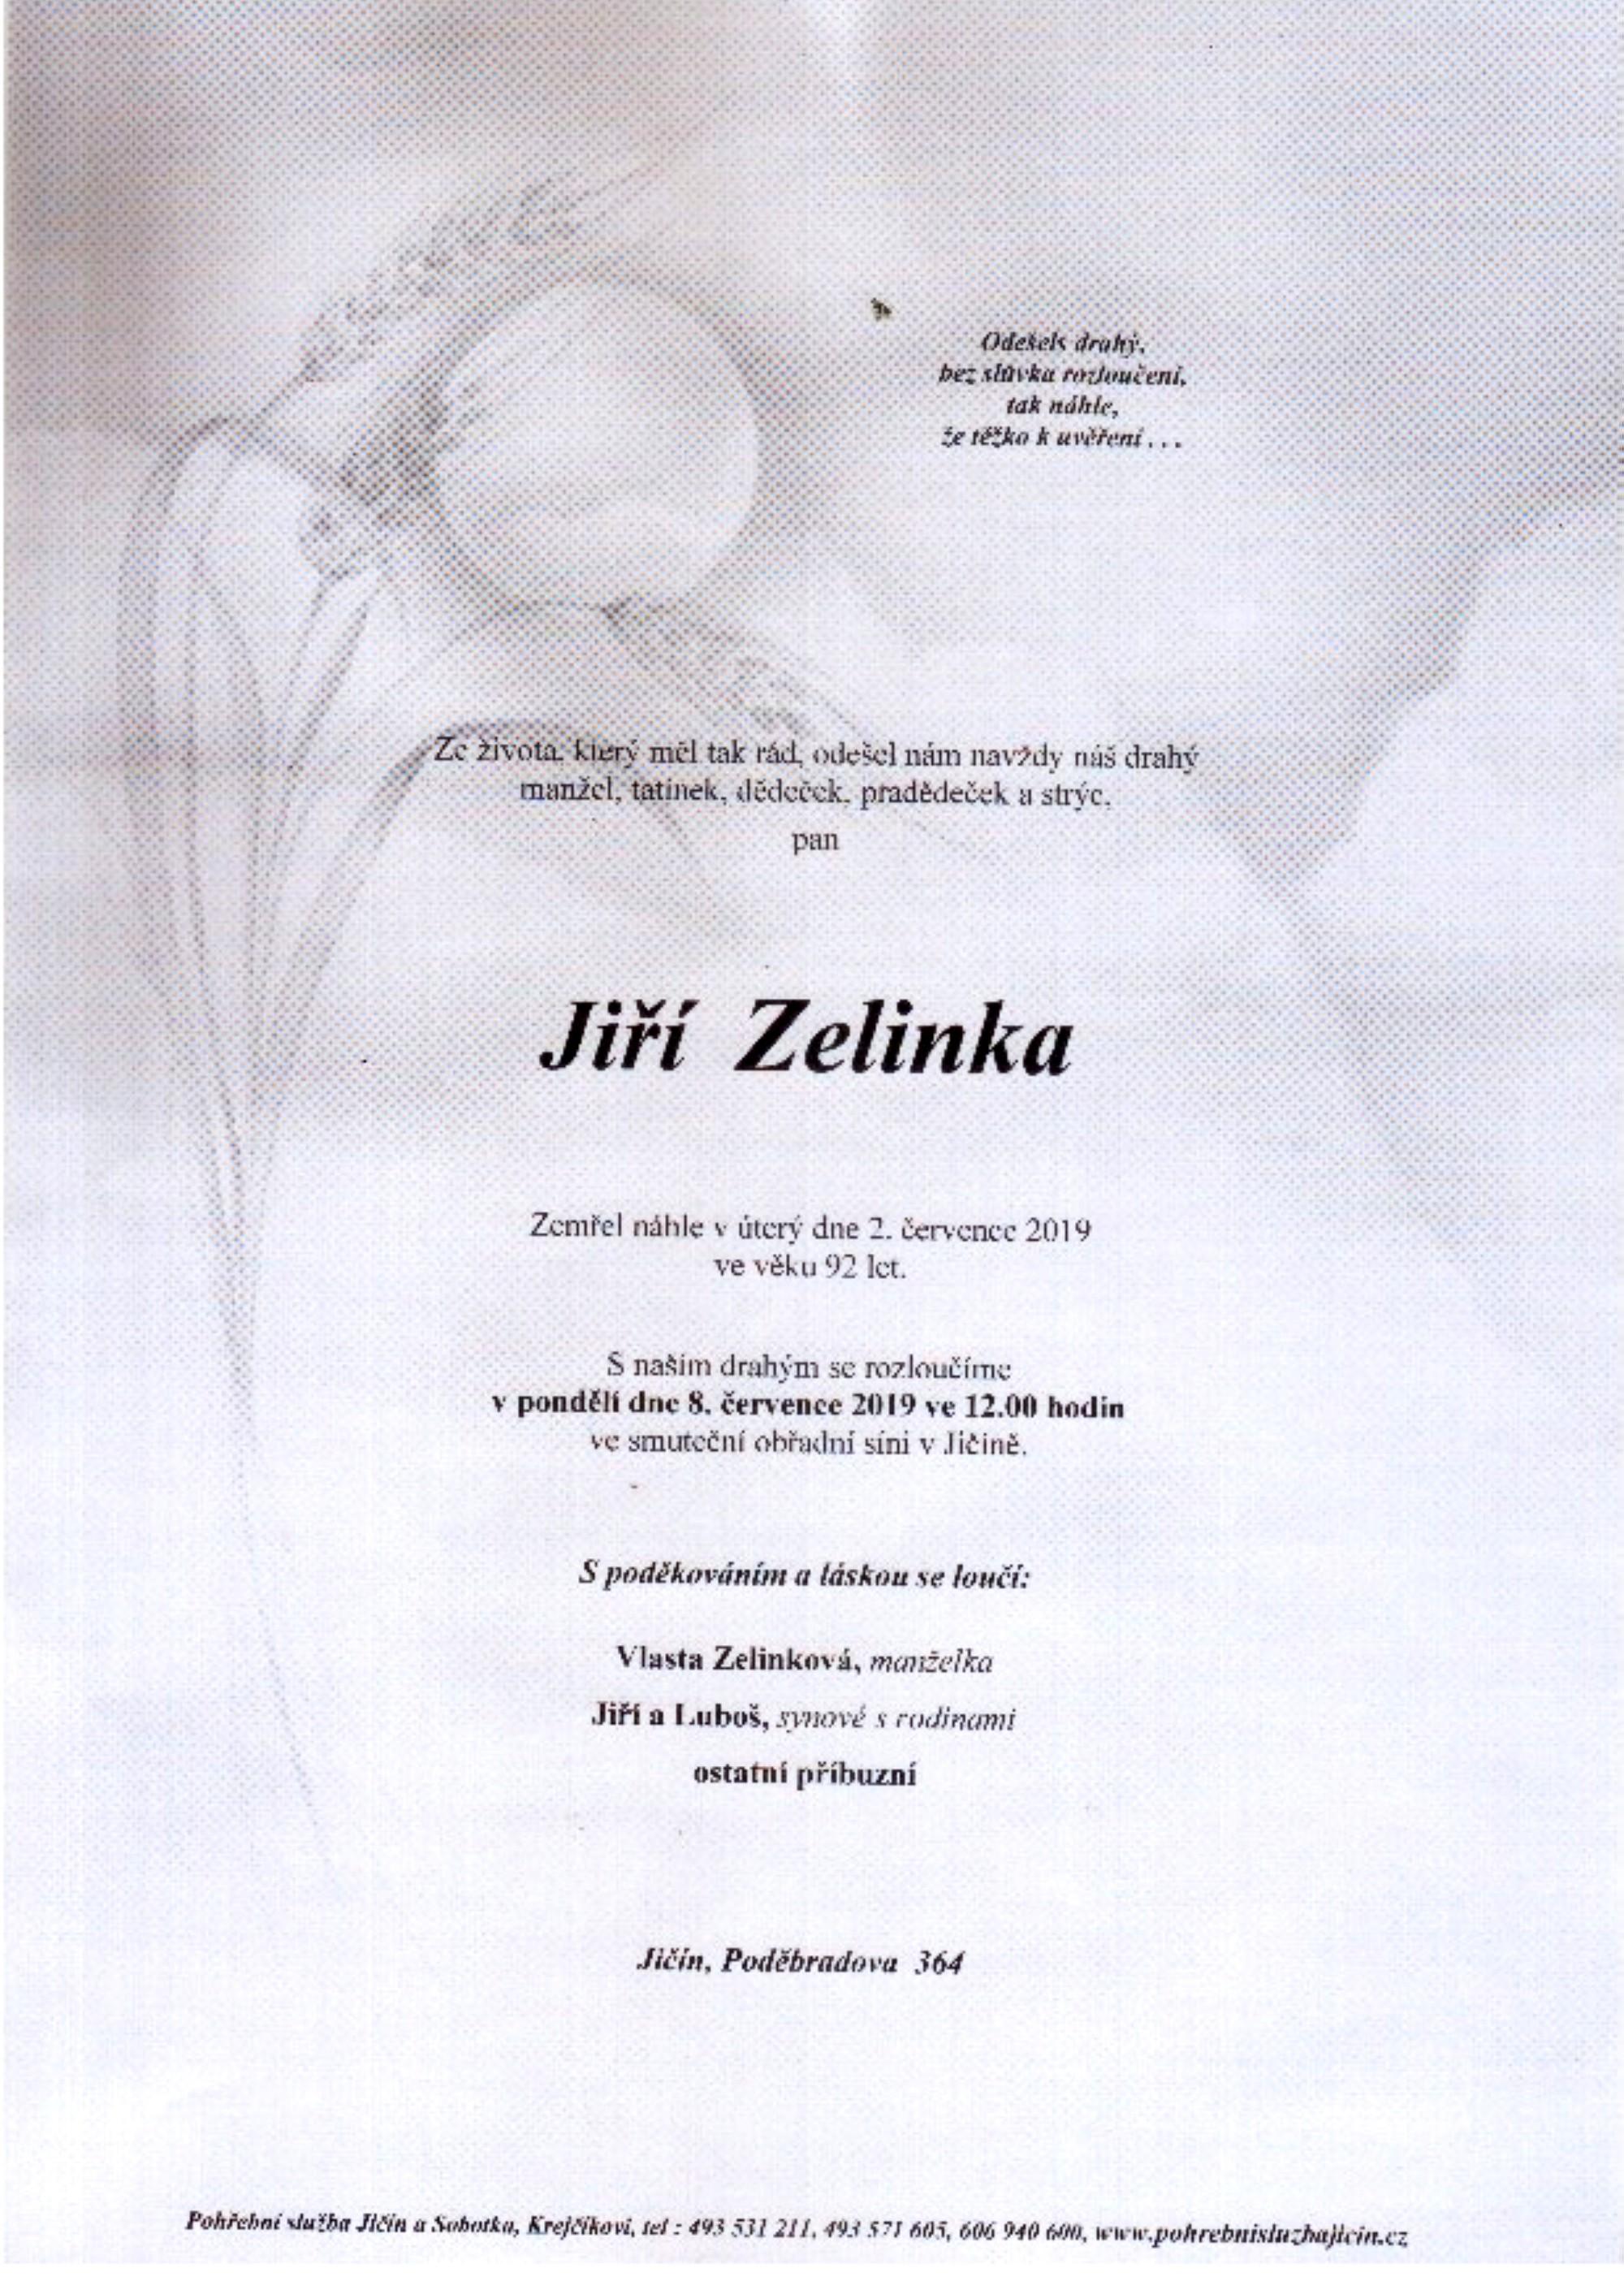 Jiří Zelinka